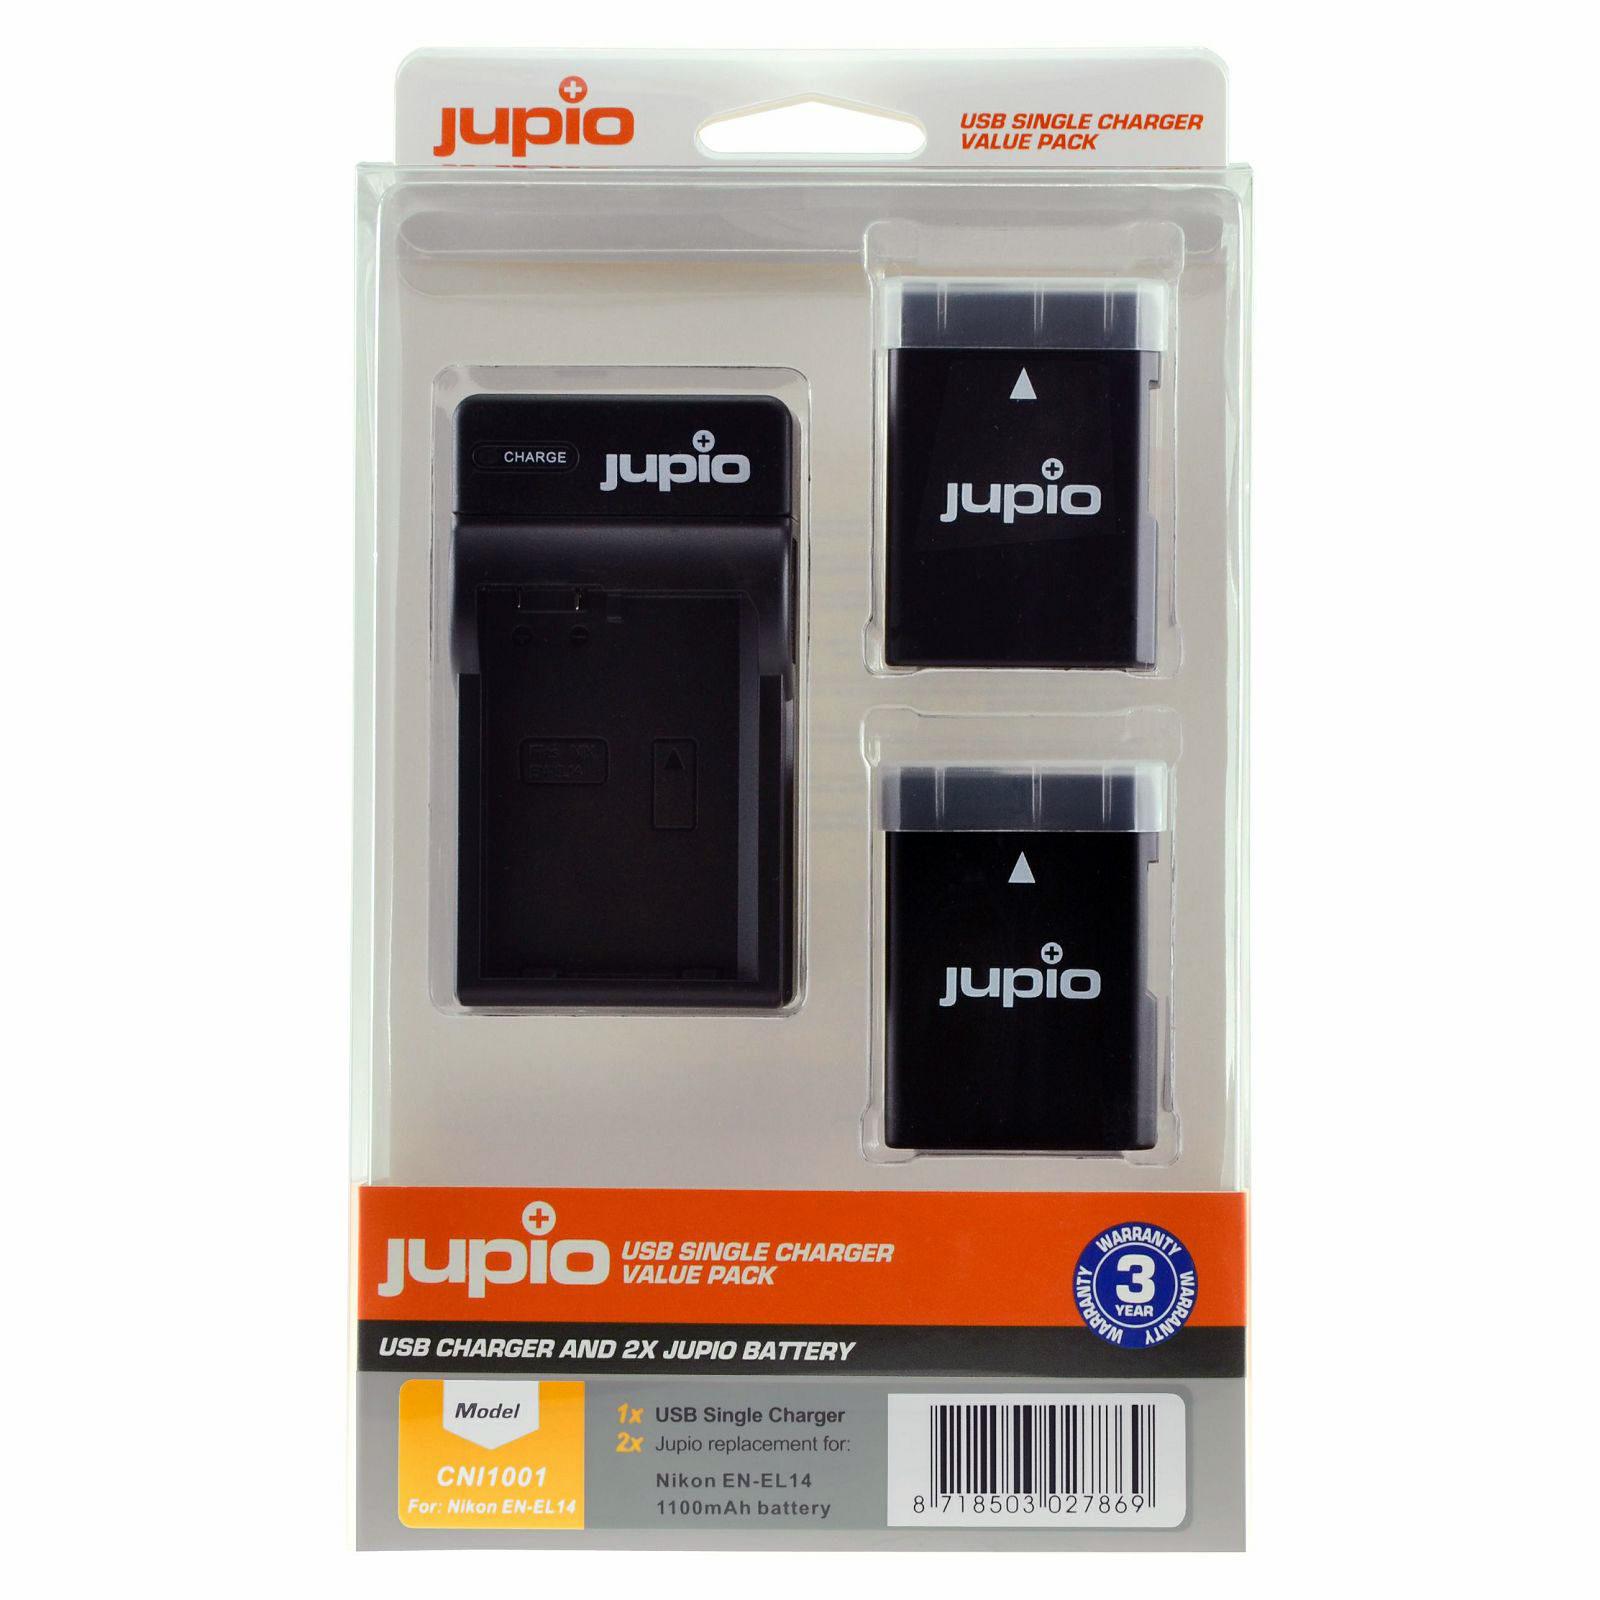 Jupio Kit met 2x Battery EN-EL14/EN-EL14A 1100mAh + USB Single Charger V4